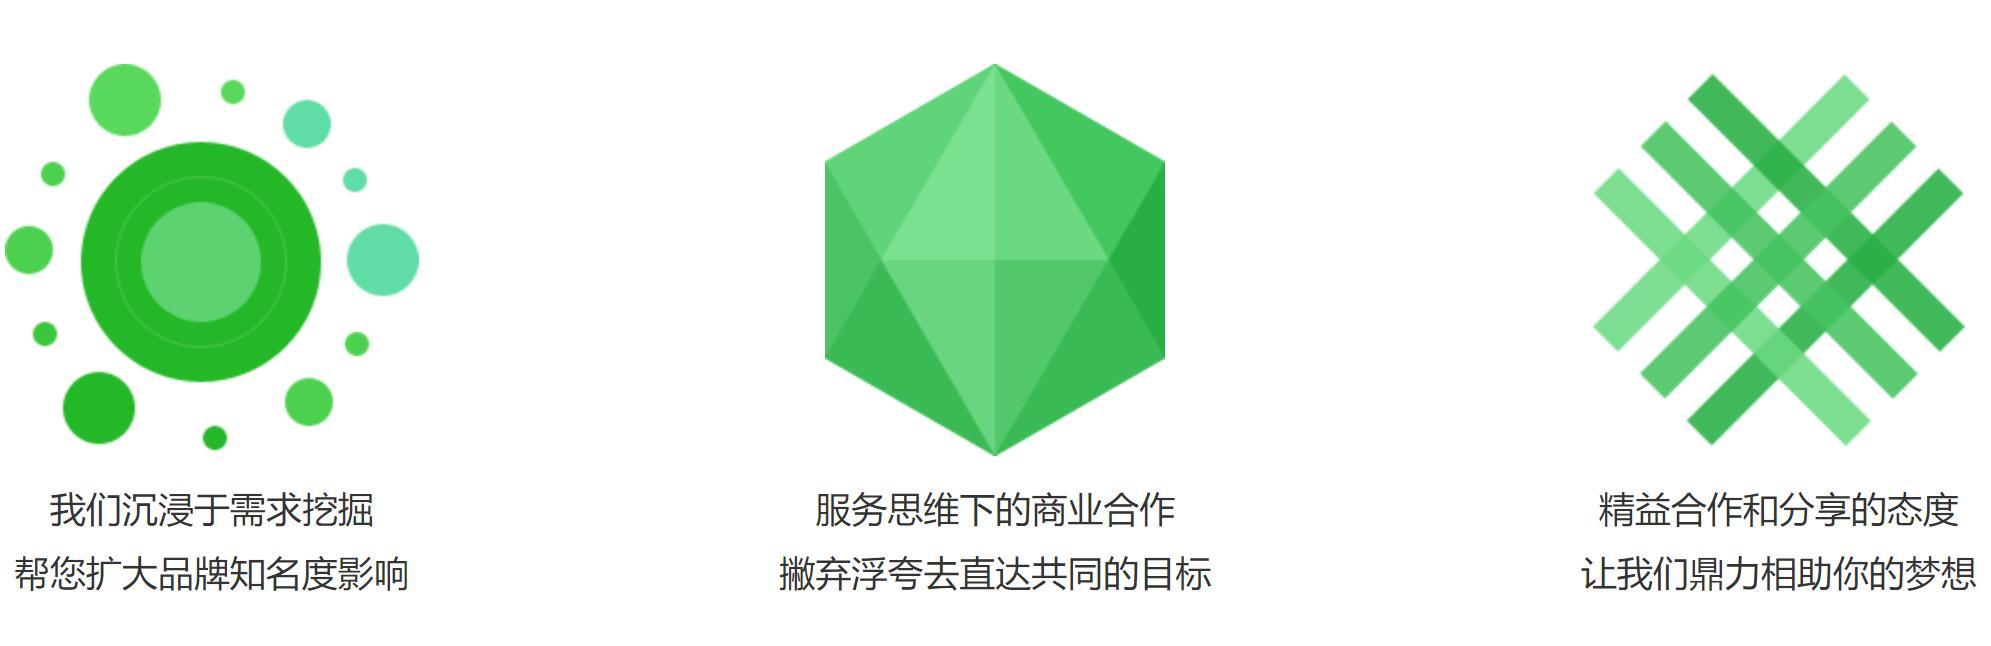 b6d767d2f8ed5d2.jpg插图